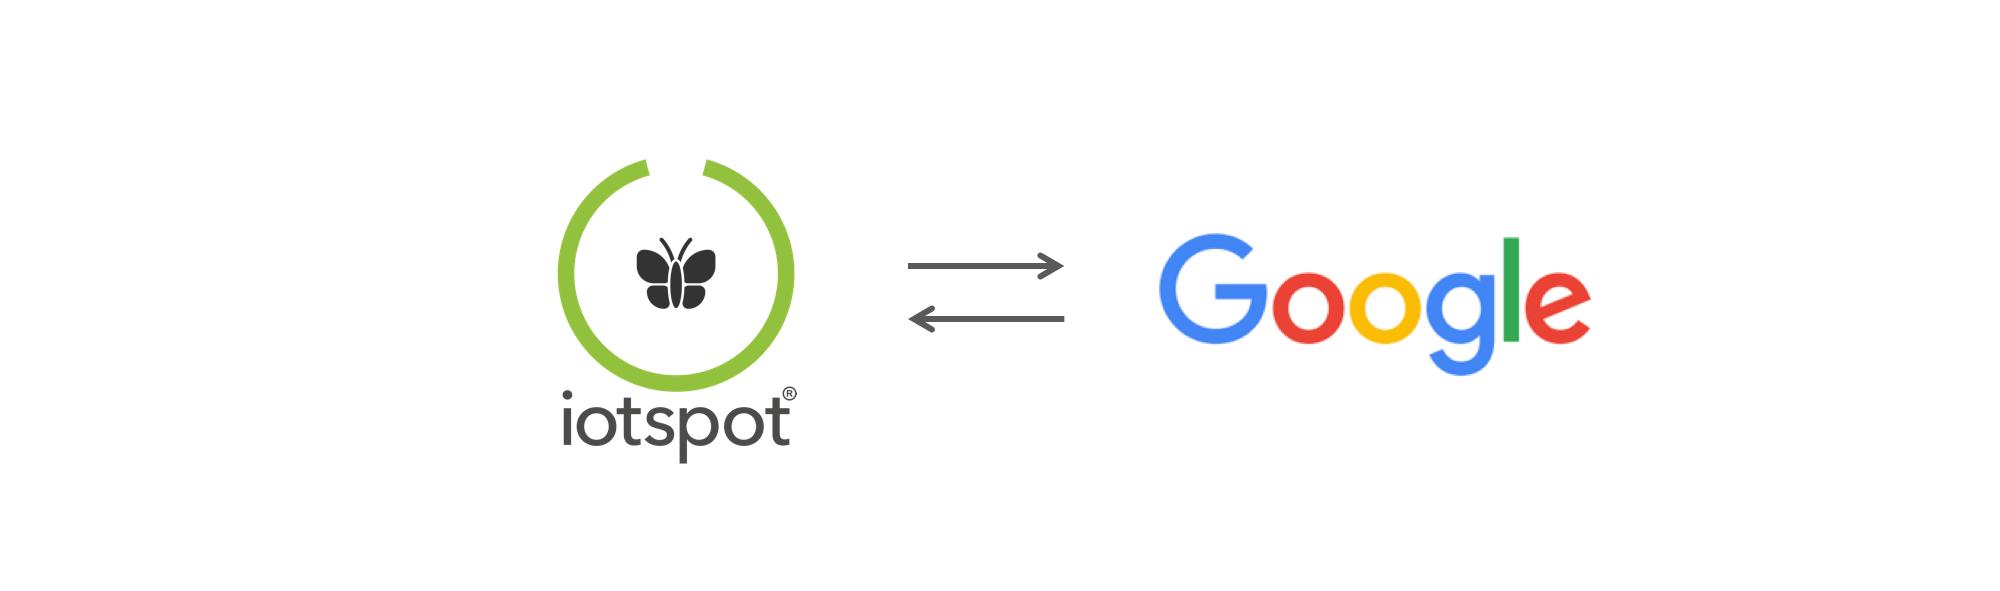 7. Integratie met Google Calendar - Het synchroniseren van kamerreserveringen tussen iotspot en de agenda-applicatie van Google for Work wordt mogelijk met deze feature.Configuratie en jaarprijs gebaseerd op custom aanvraag